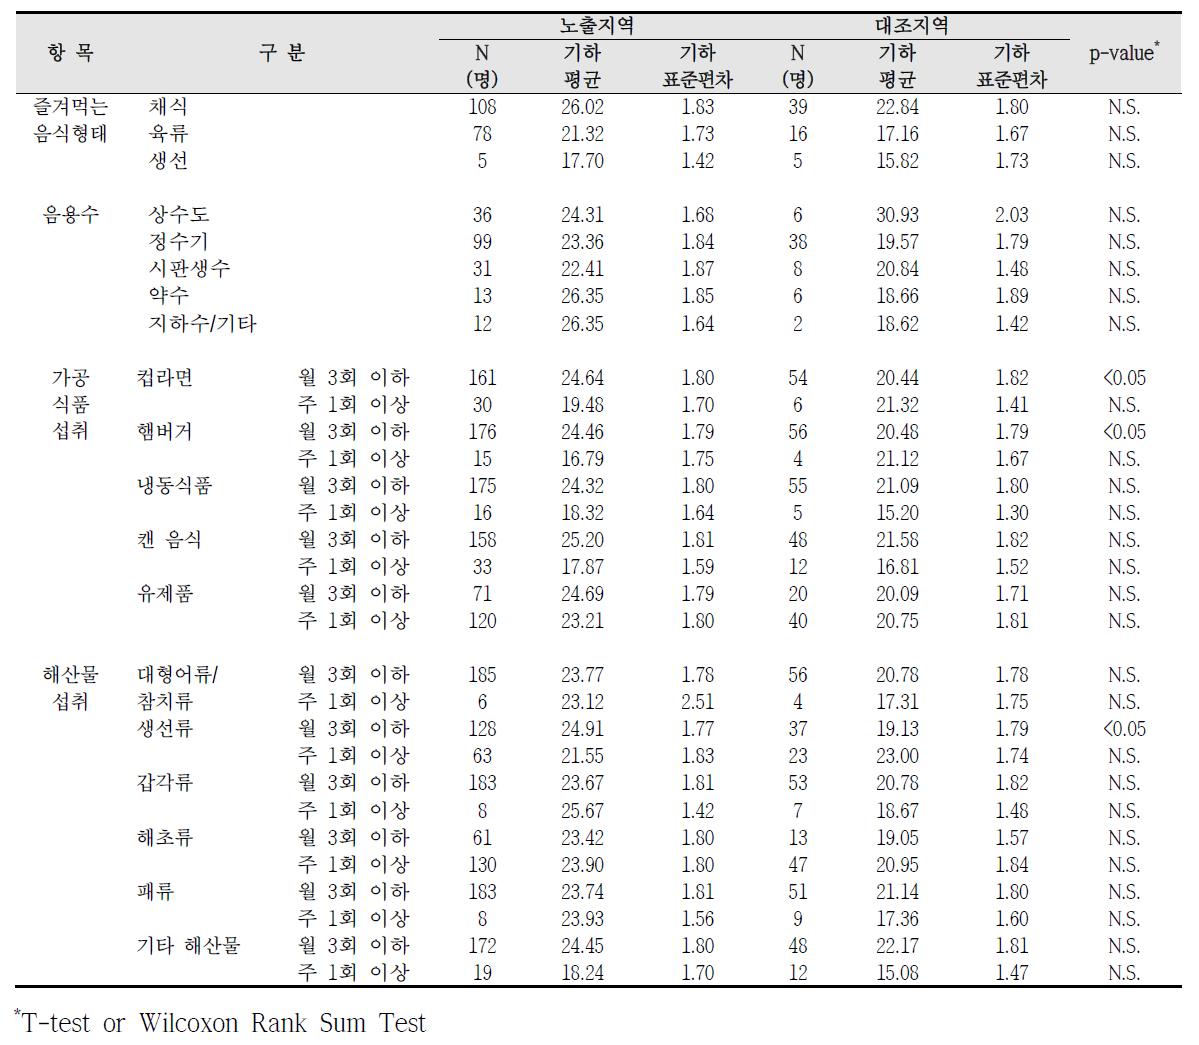 청주산업단지 식생활 습관에 따른 요중 MEHHP 농도 비교